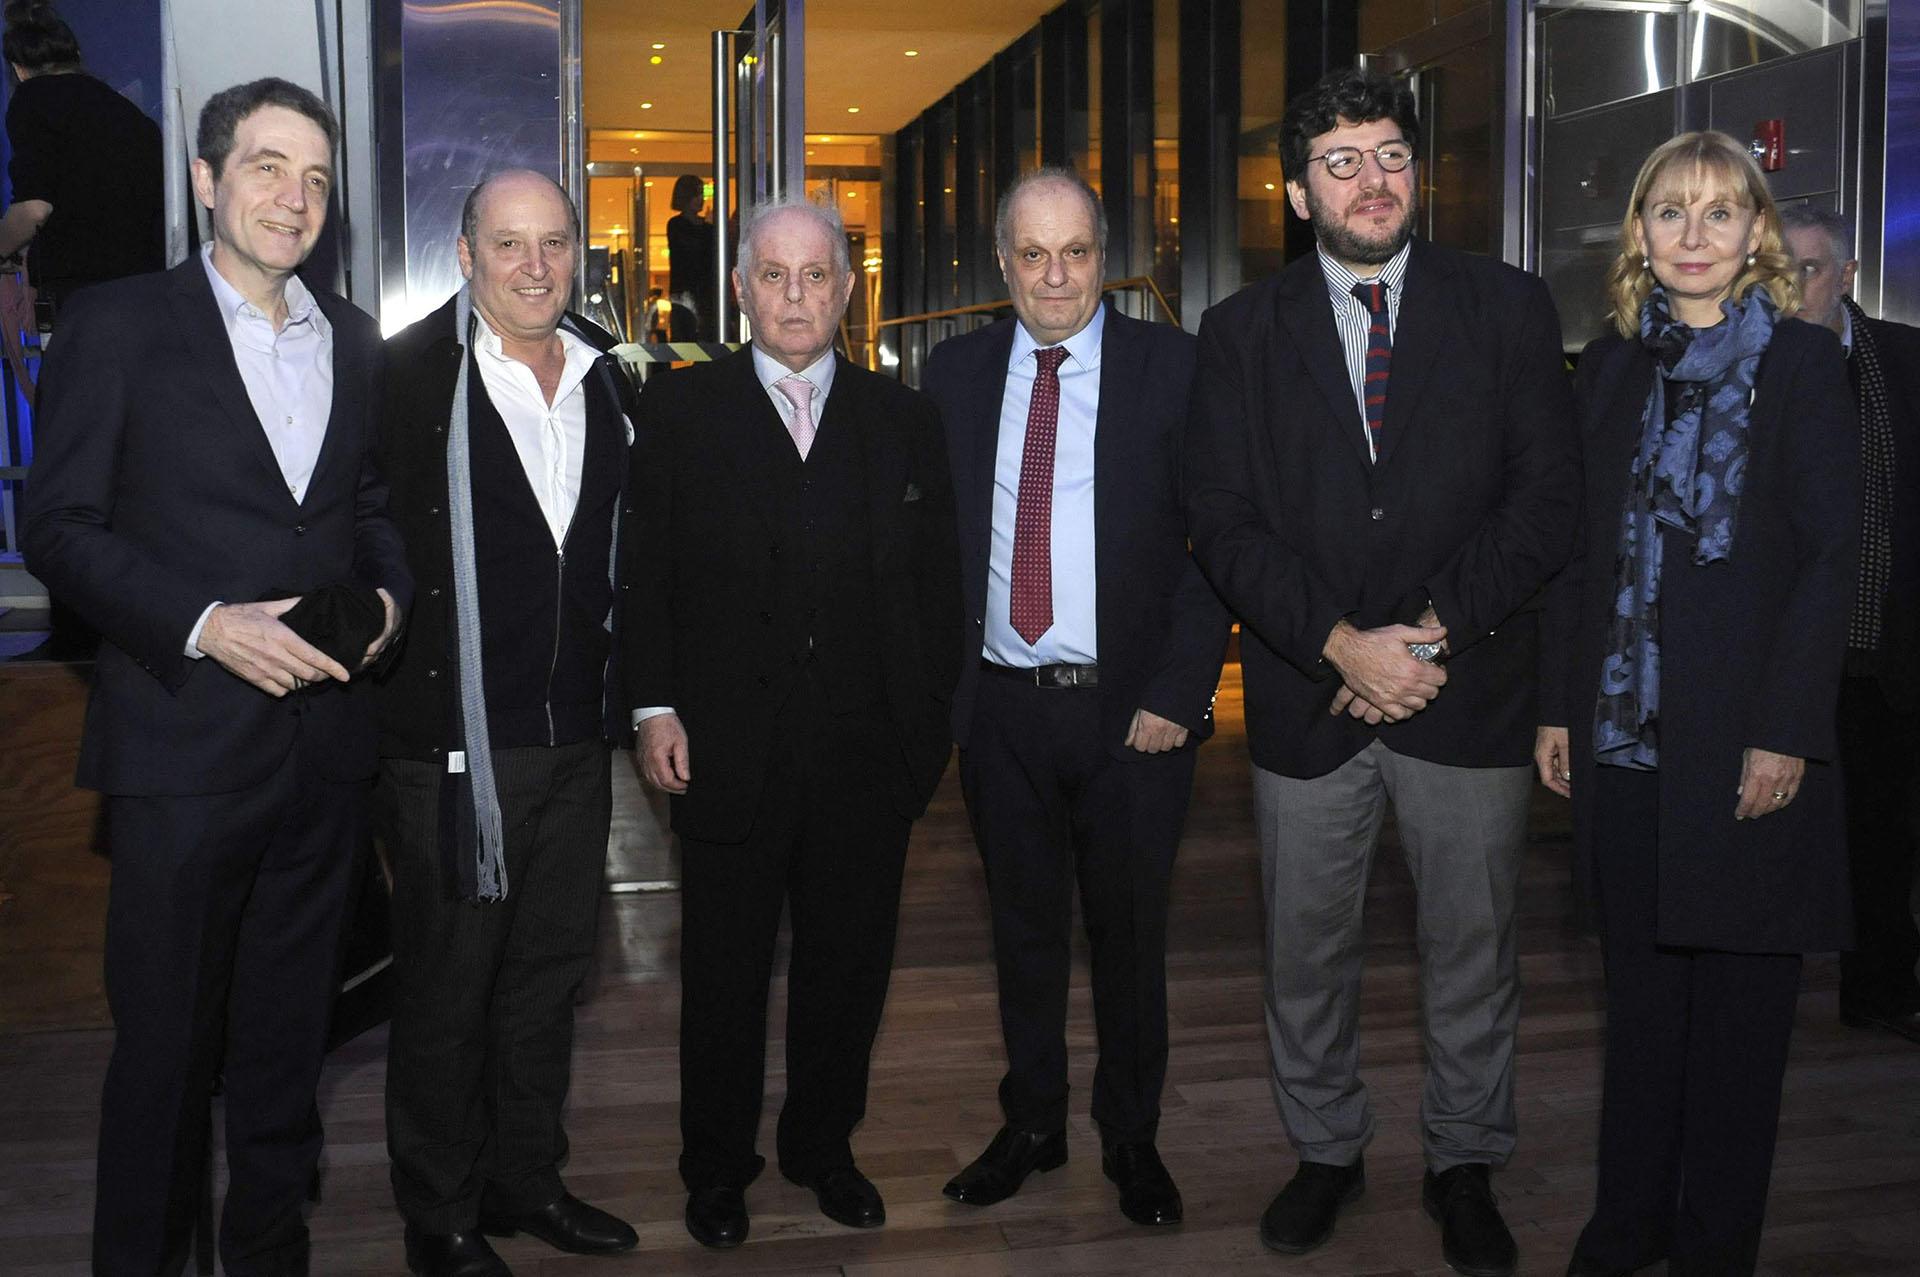 Gustavo Mozzi, director del CCK junto al maestro Daniel Barenboim, Hernán Lombardi, Pablo Avelluto y María Victoria Alcaraz